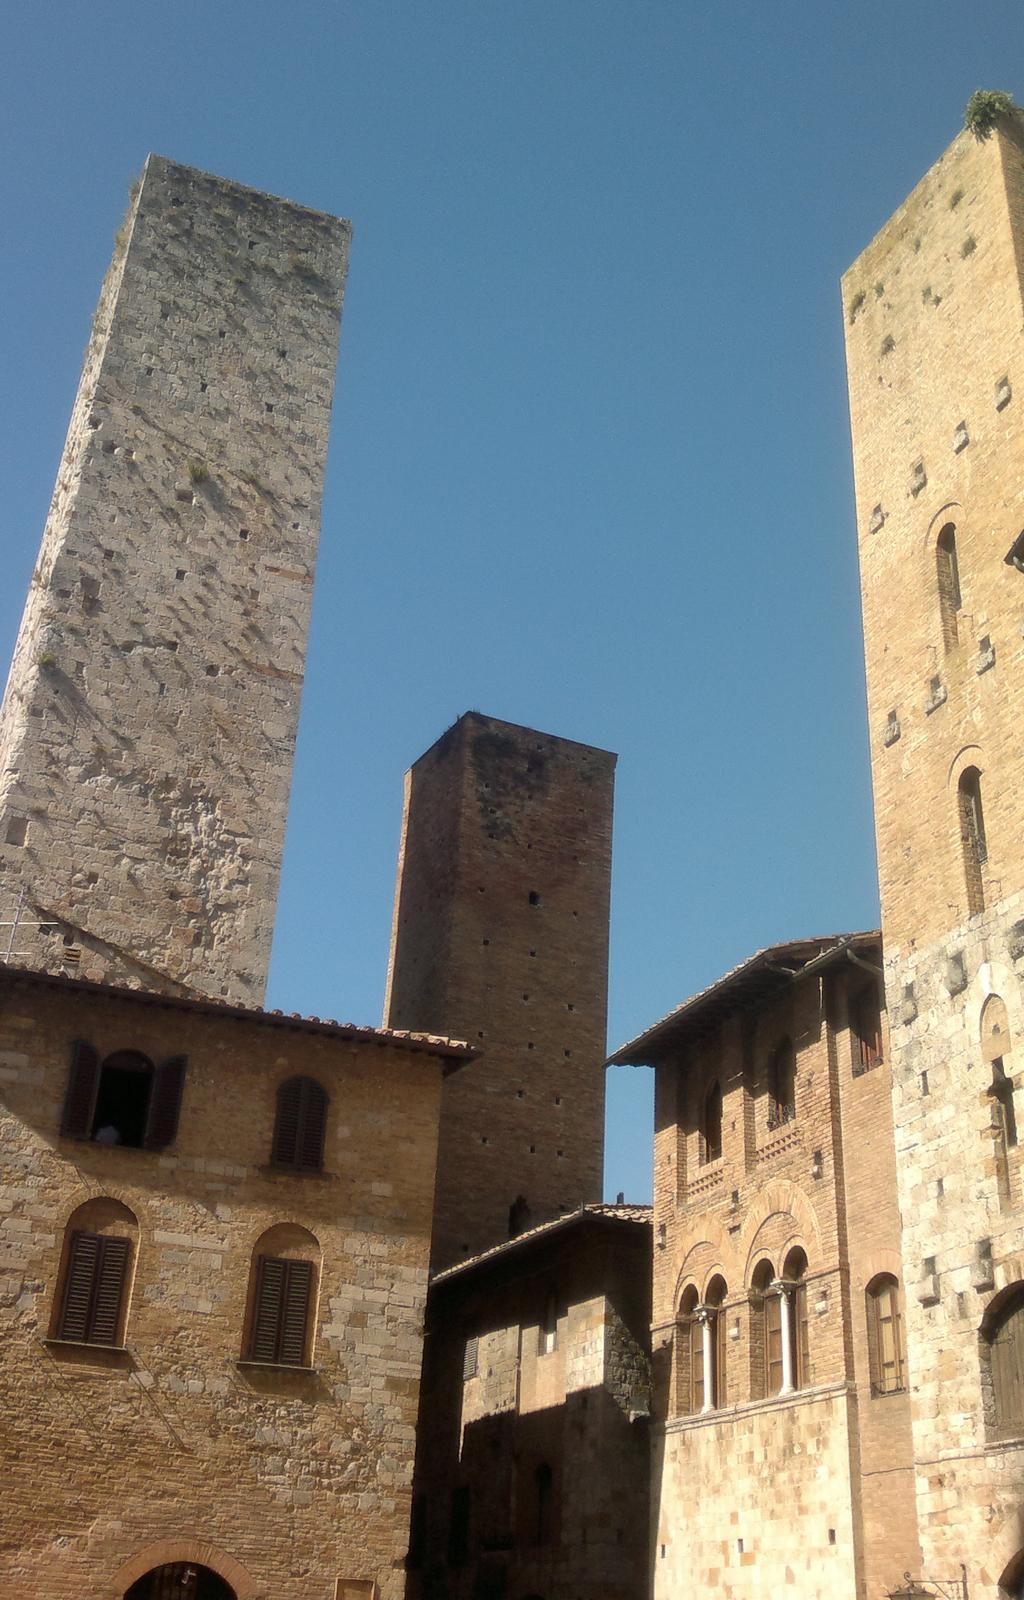 Obytné věže v San Gimignano